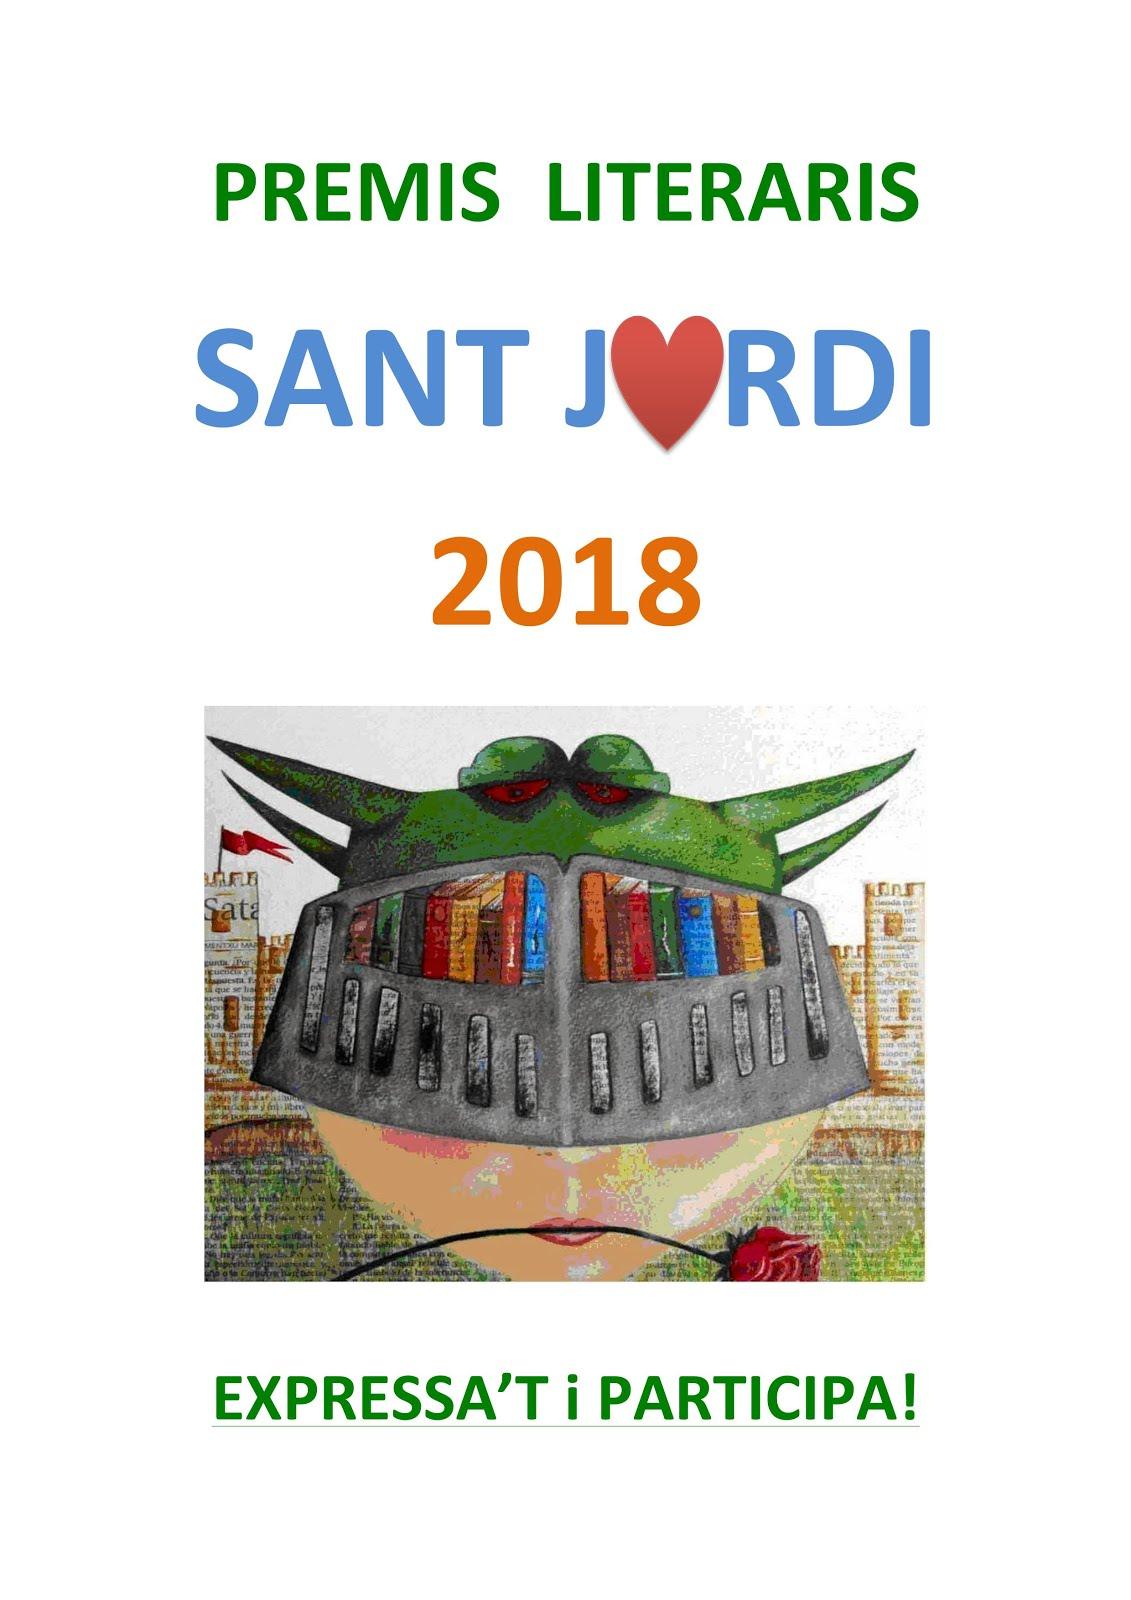 PREMIS LITERARIS SANT JORDI